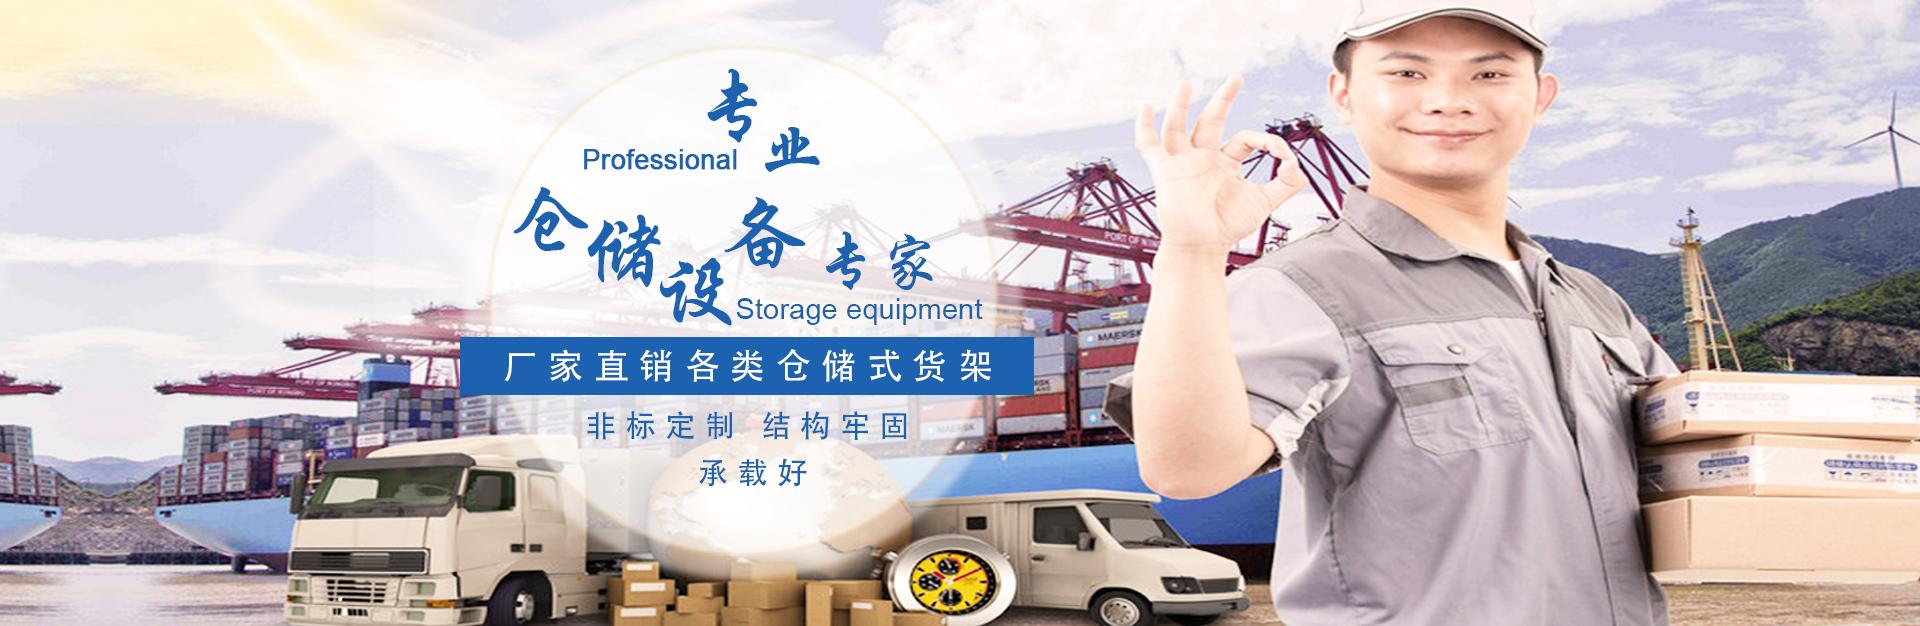 上海亚游仓储设备有限公司